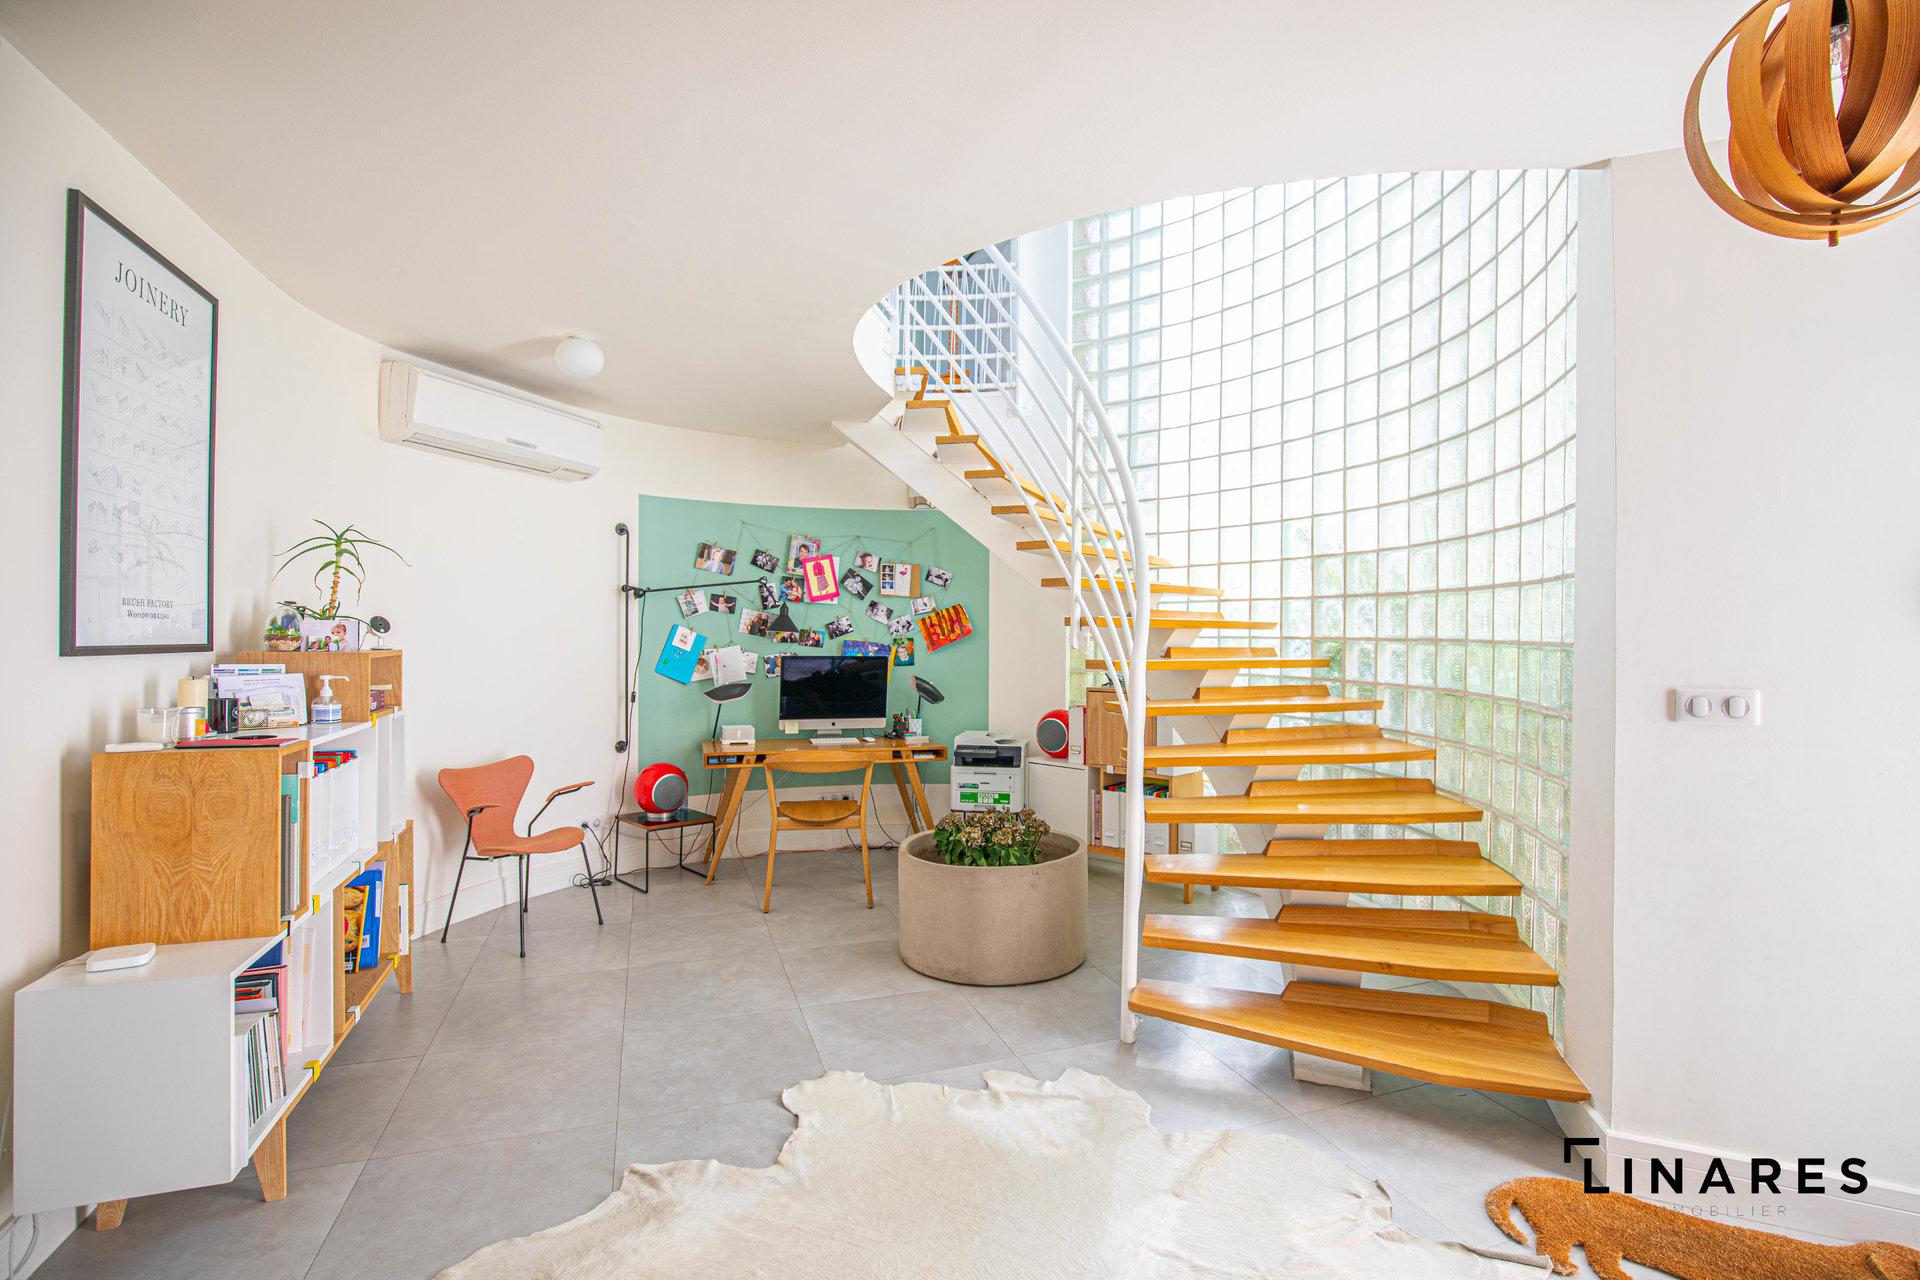 COMME UNE MAISON - Appartement / Loft type 5 de 239 m2